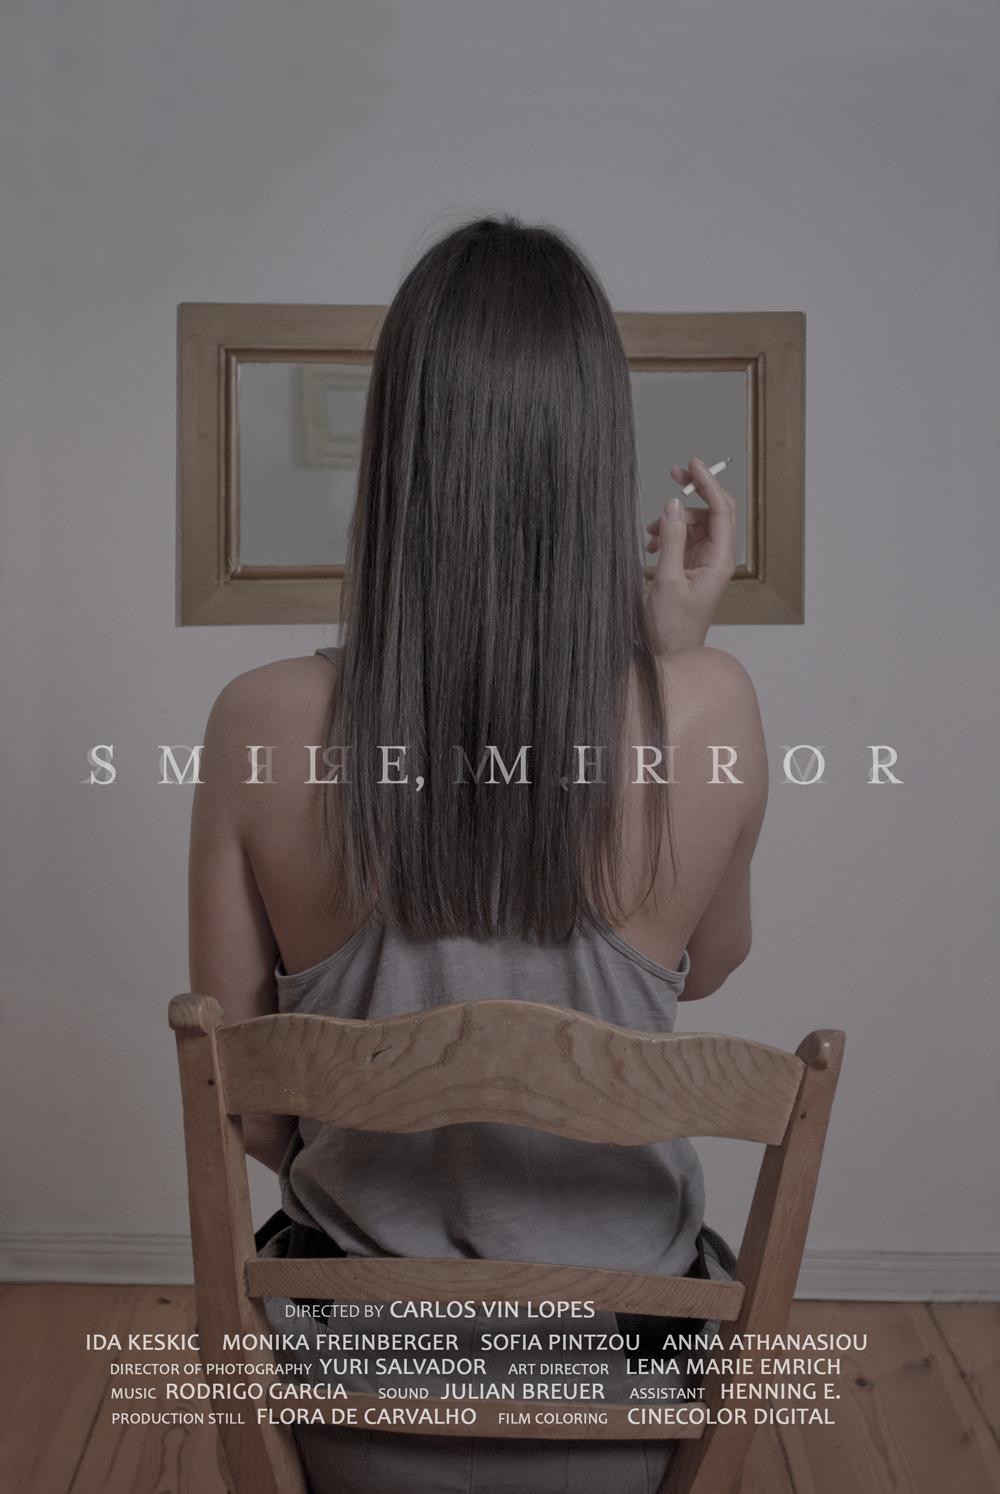 Smile, Mirror